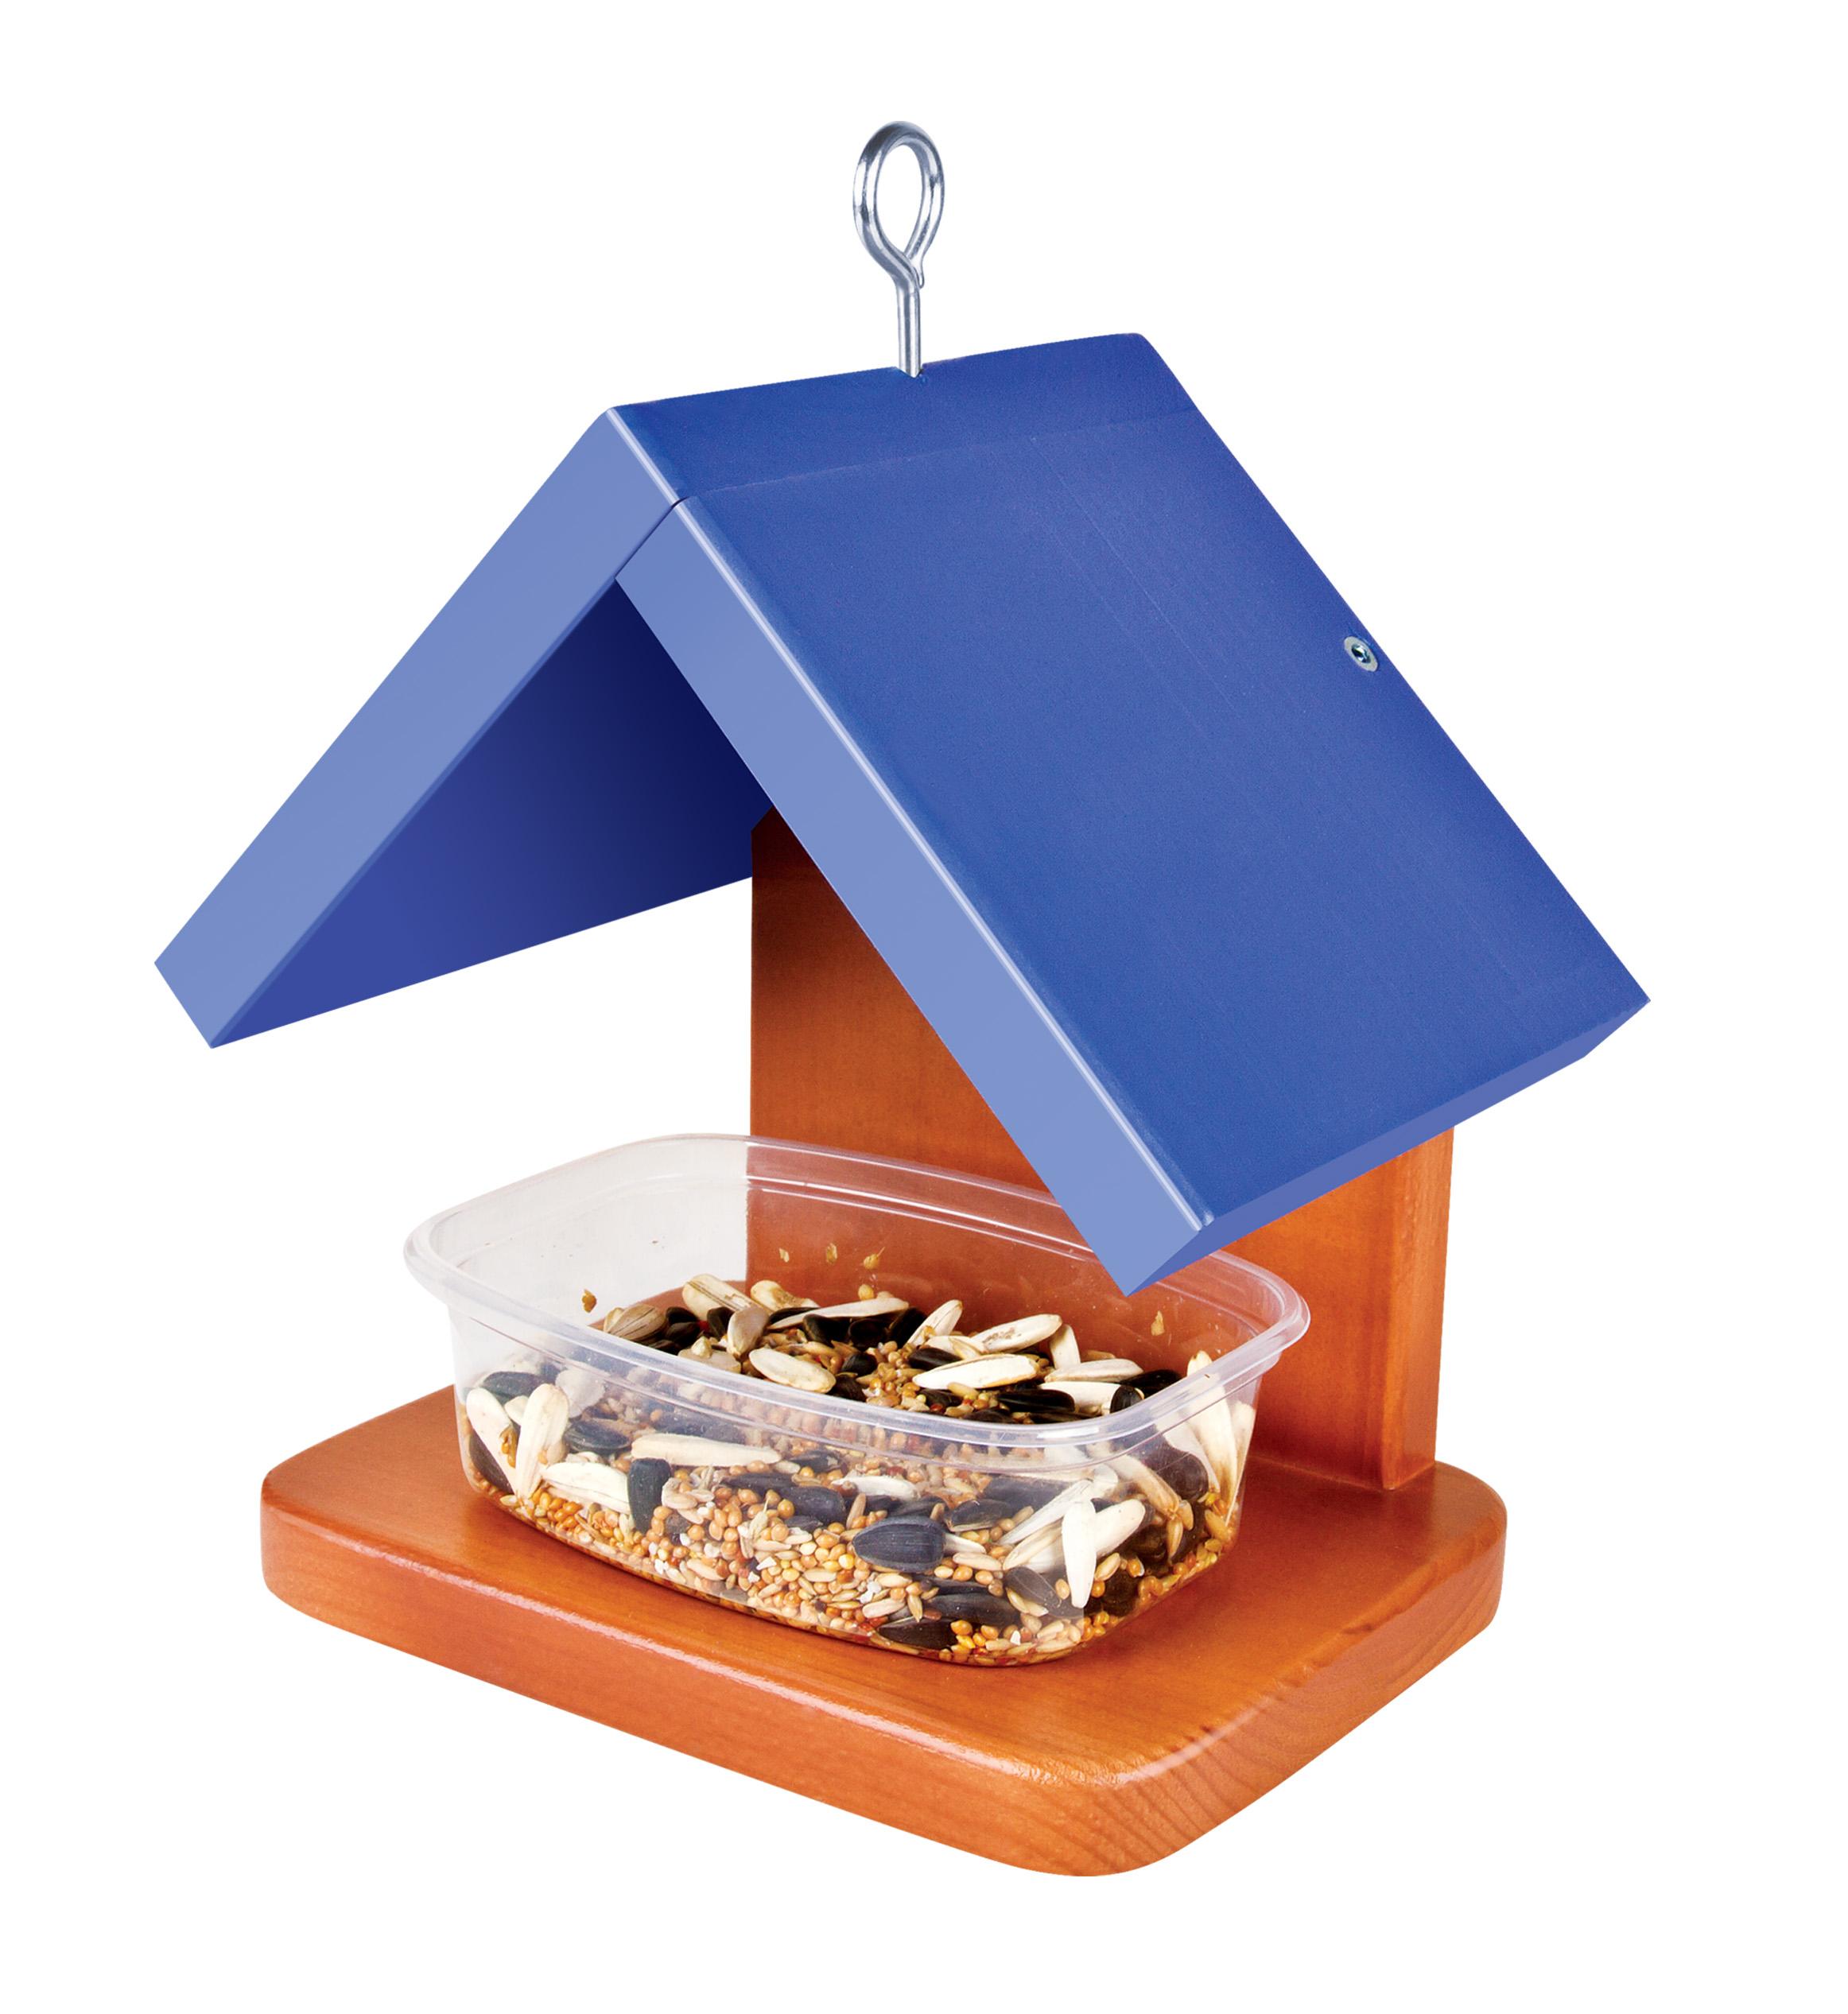 Кормушка для птиц своими рукамиДомики, кормушки для птиц<br>Кормушка для птиц своими руками<br>